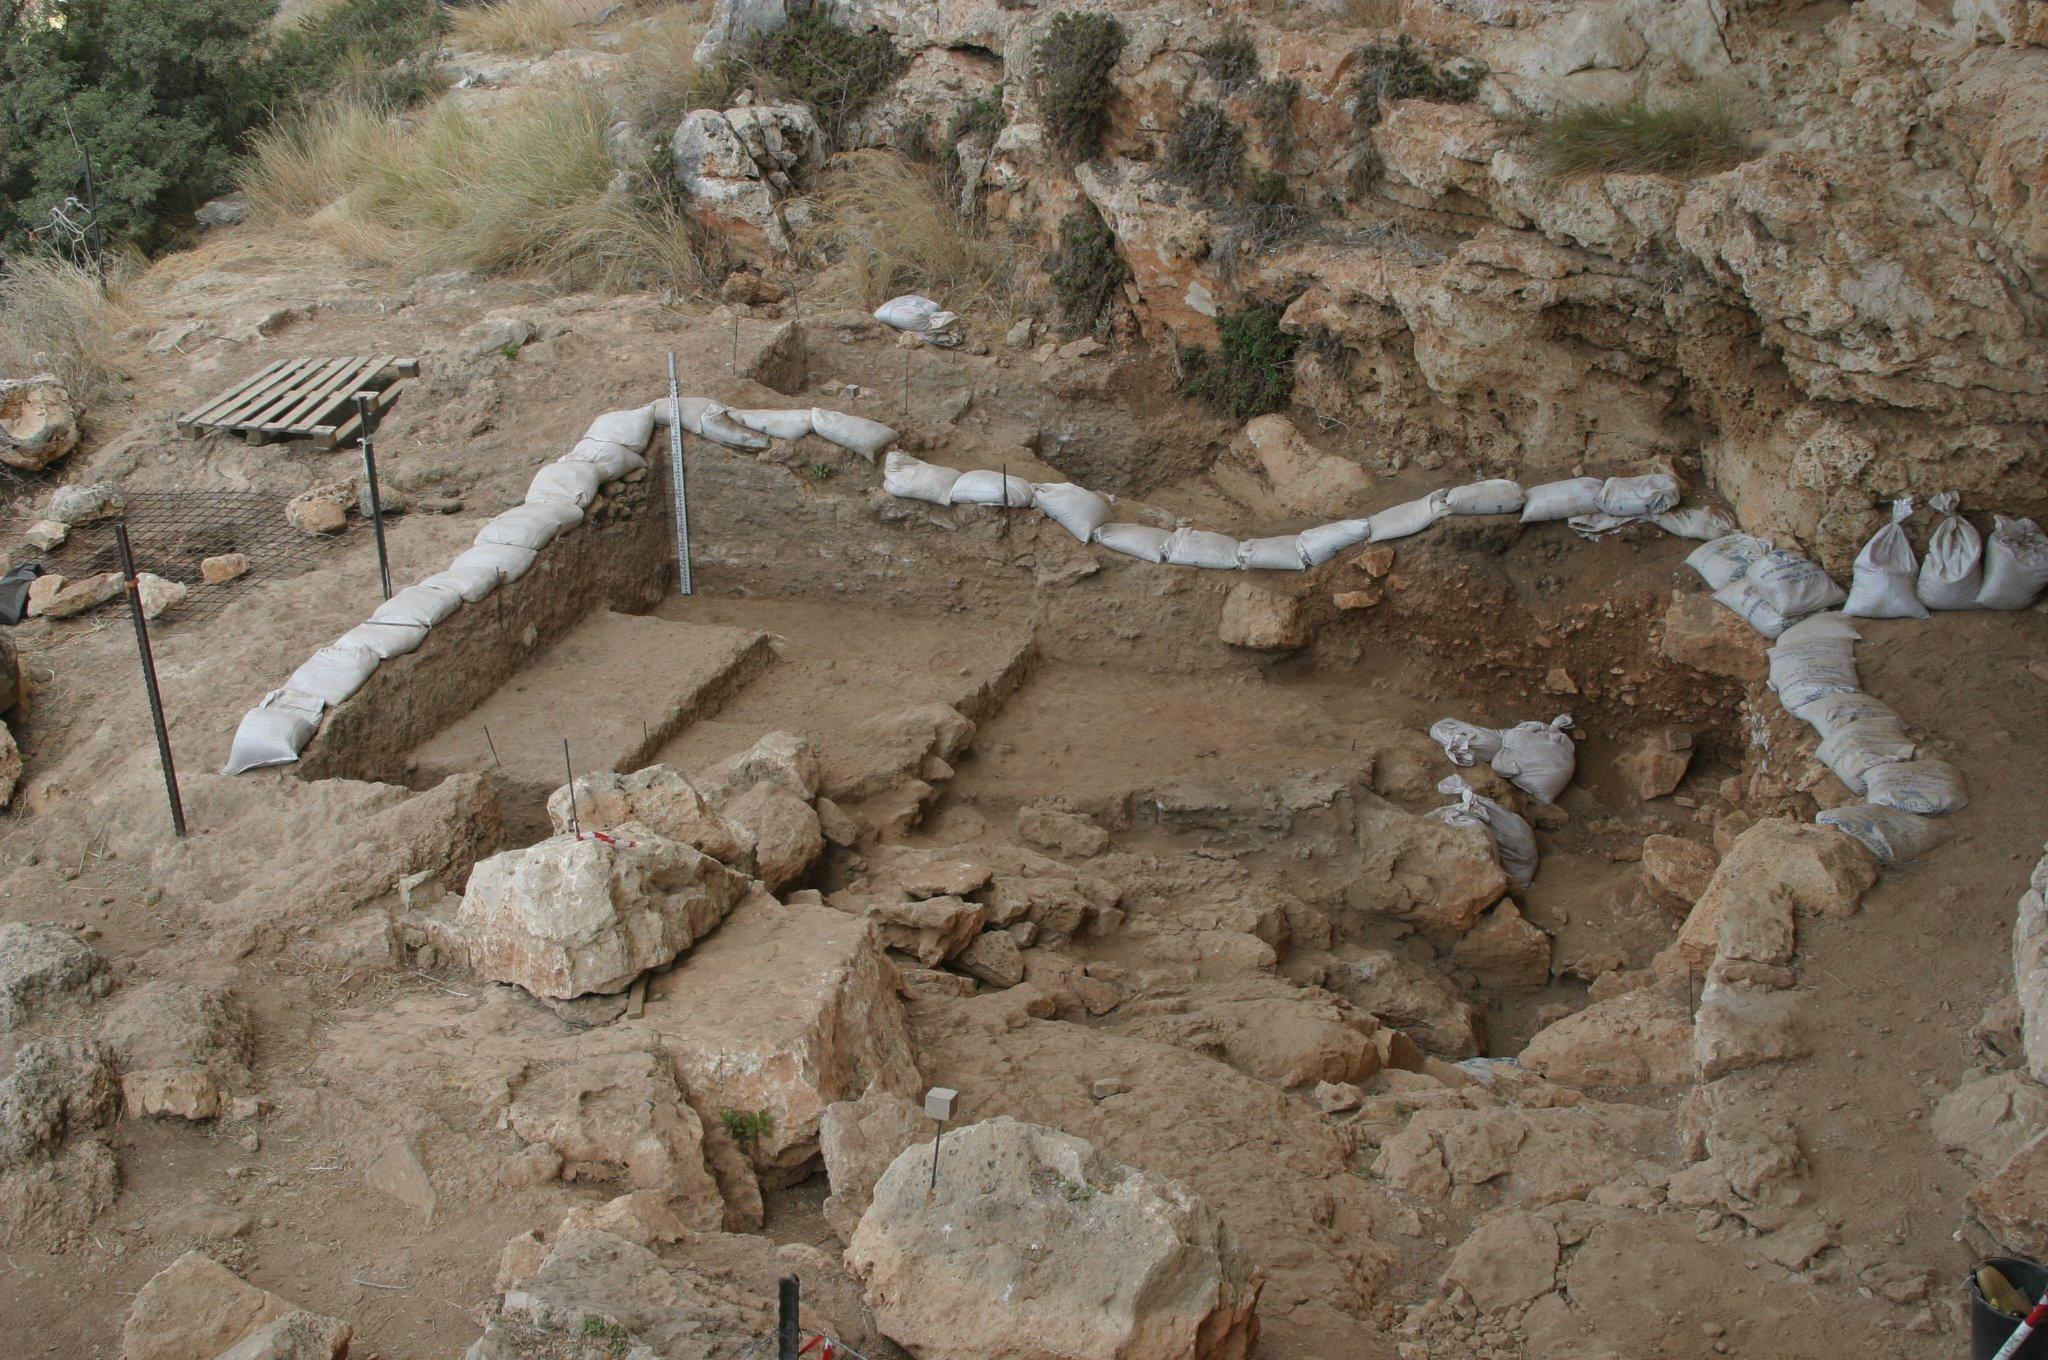 Entrada de la cueva de Misliya, en las ladera occidental del Monte Carmelo, en Israel. (Mina Weinstein-Evron, Haifa University)